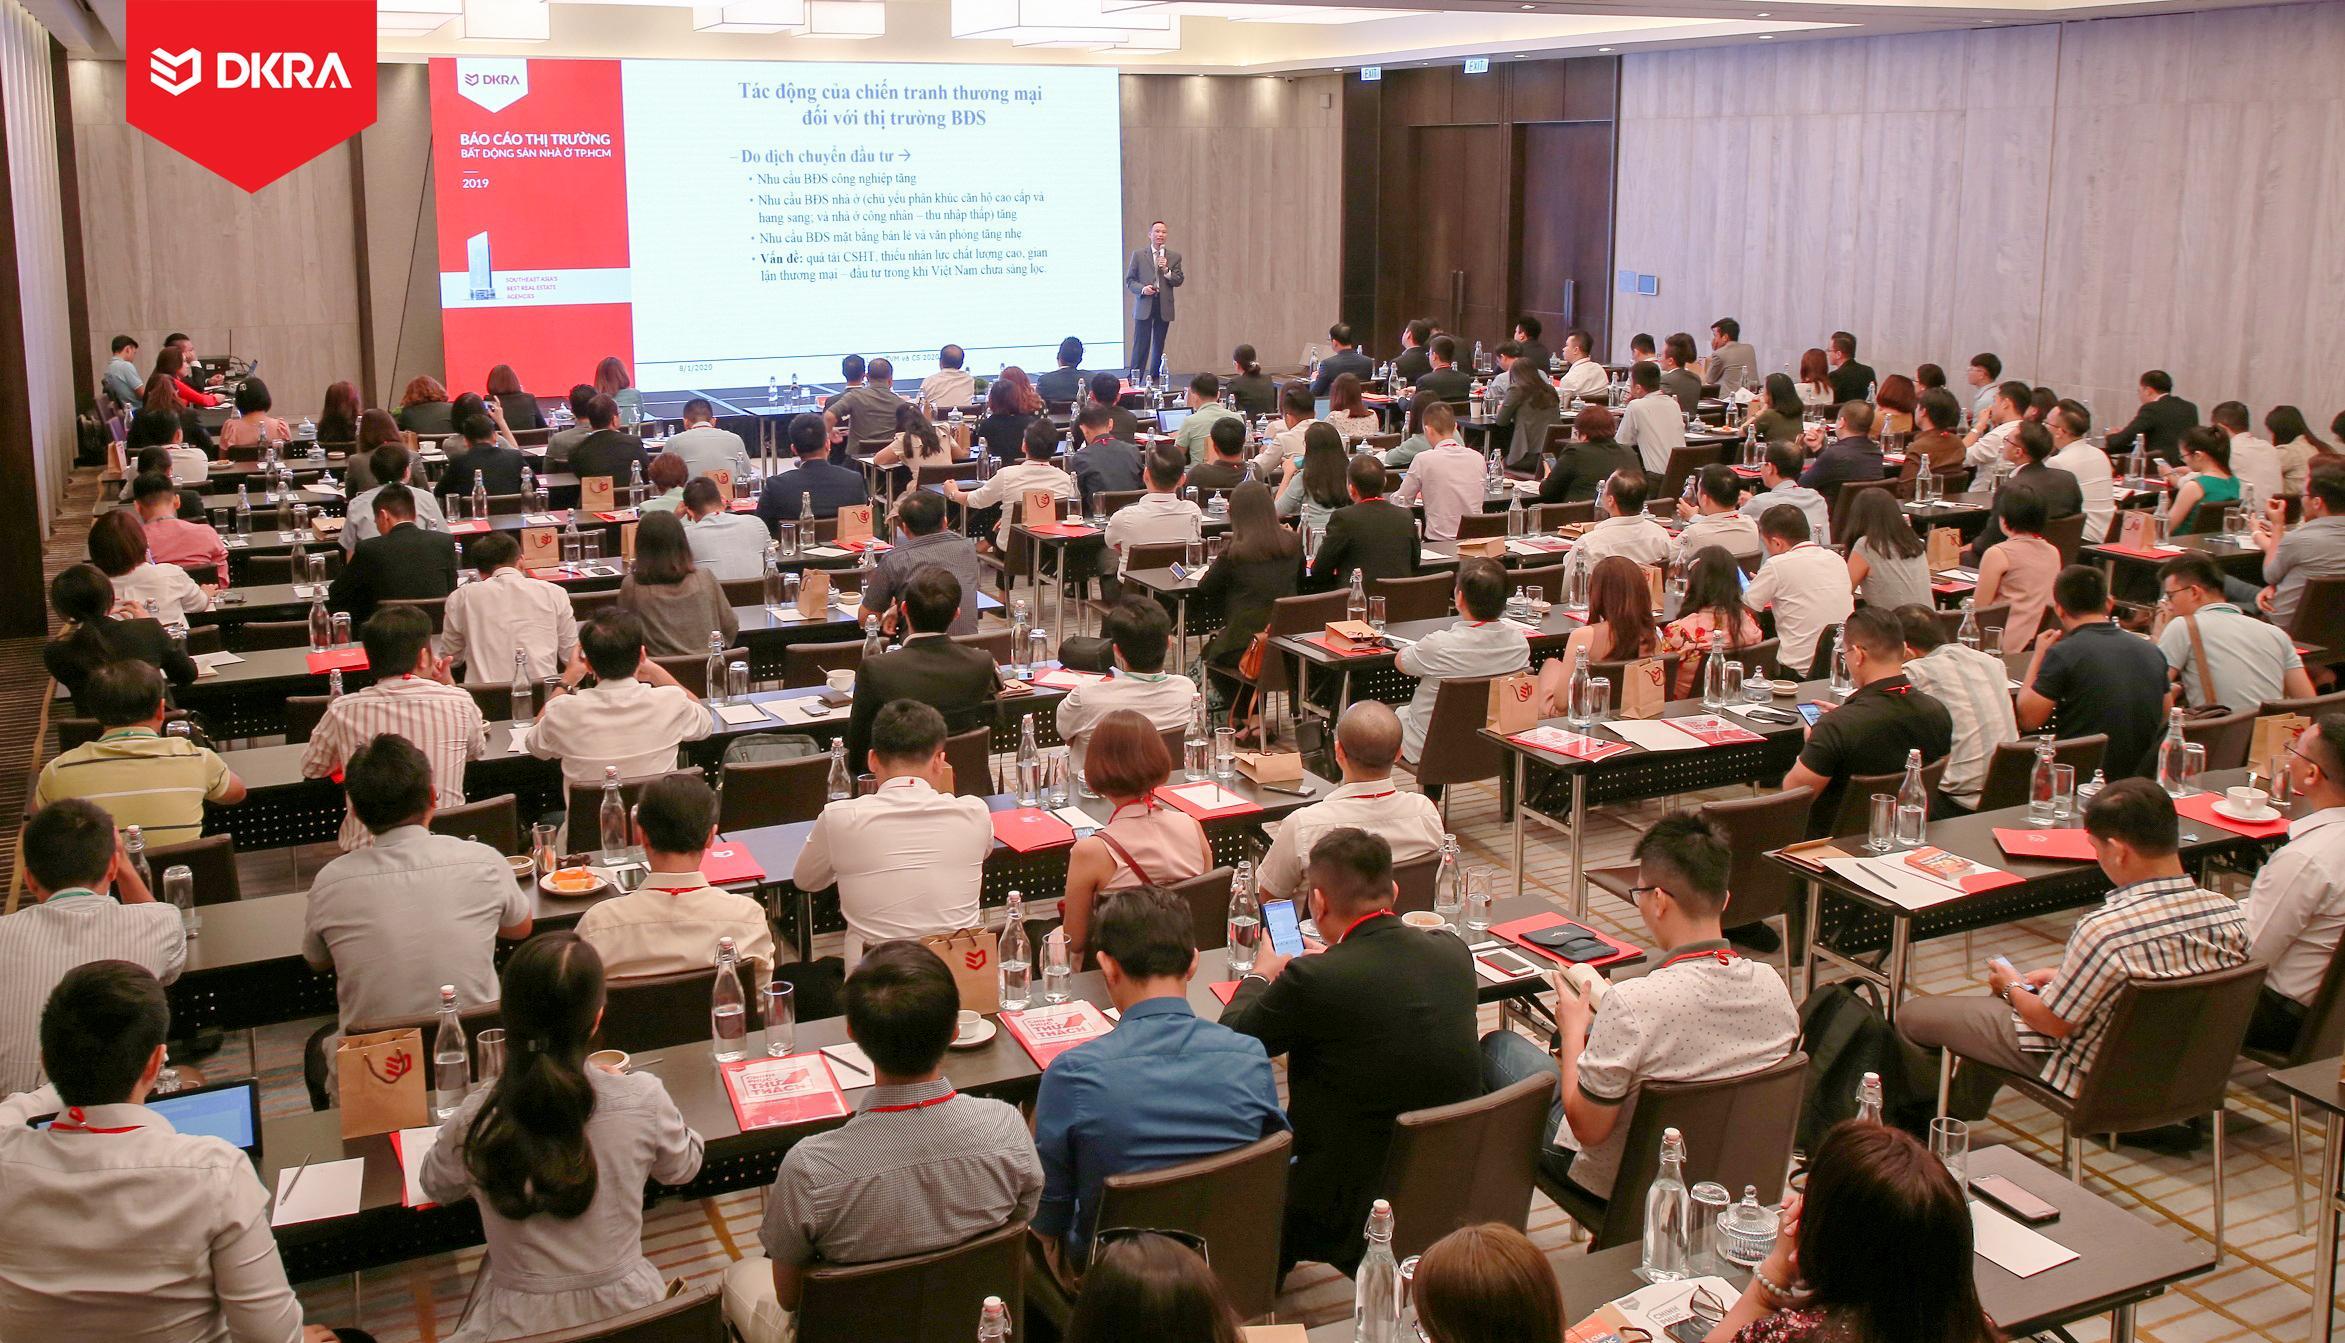 """Toàn cảnh sự kiện Báo cáo thị trường bất động sản nhà ở TP.HCM năm 2019 do DKRA Vietnam tổ chức với chủ đề """"Chinh phục thử thách"""""""